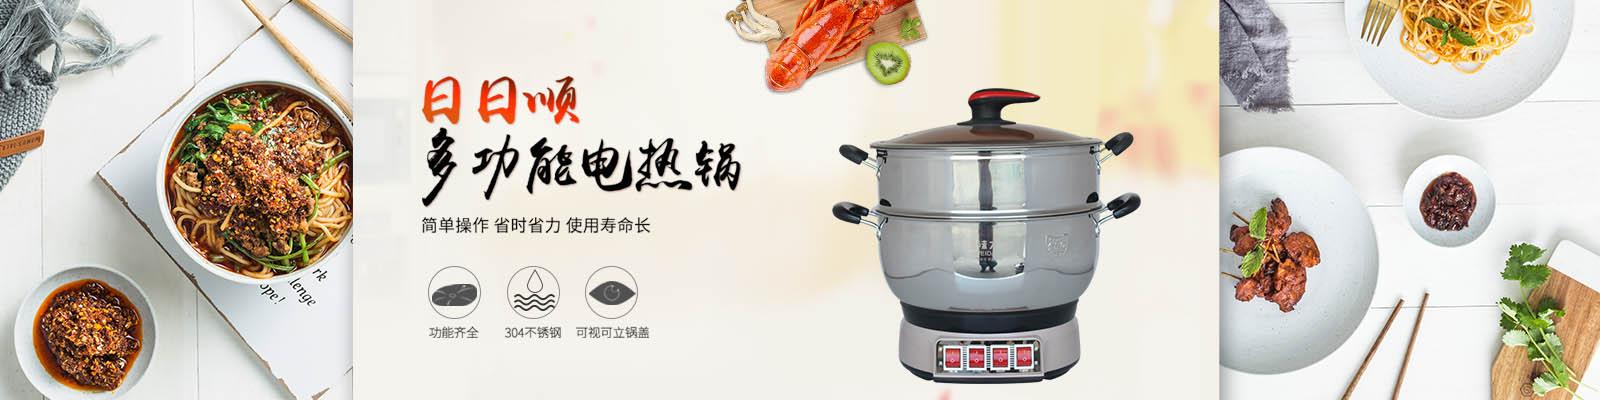 邹平县好生硕鑫电器厂